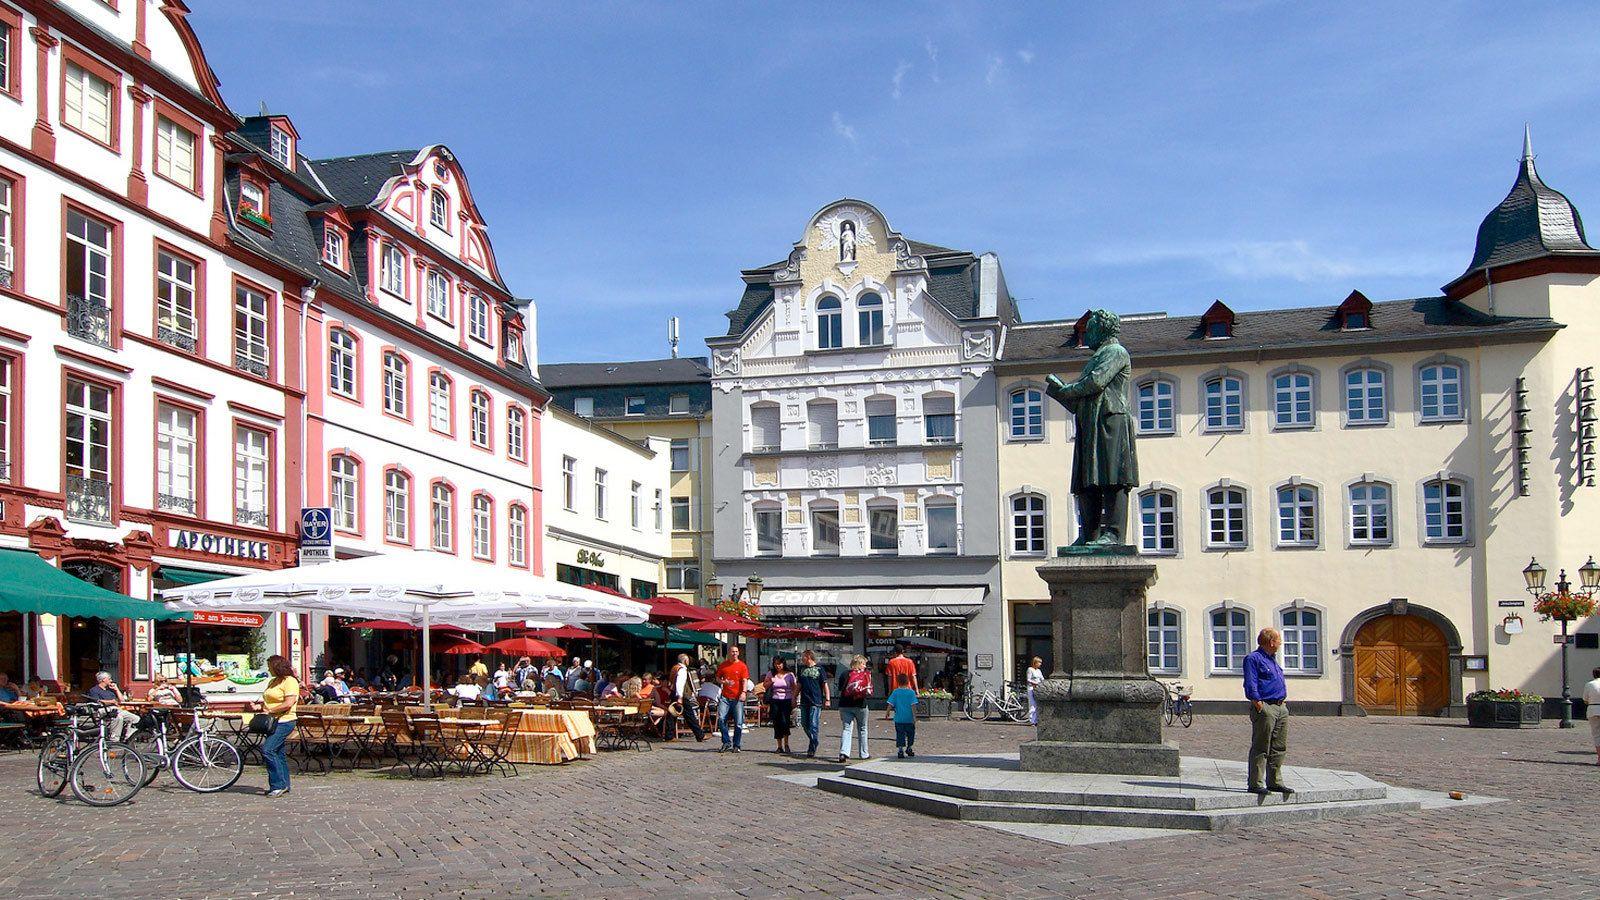 Plaza in Germany